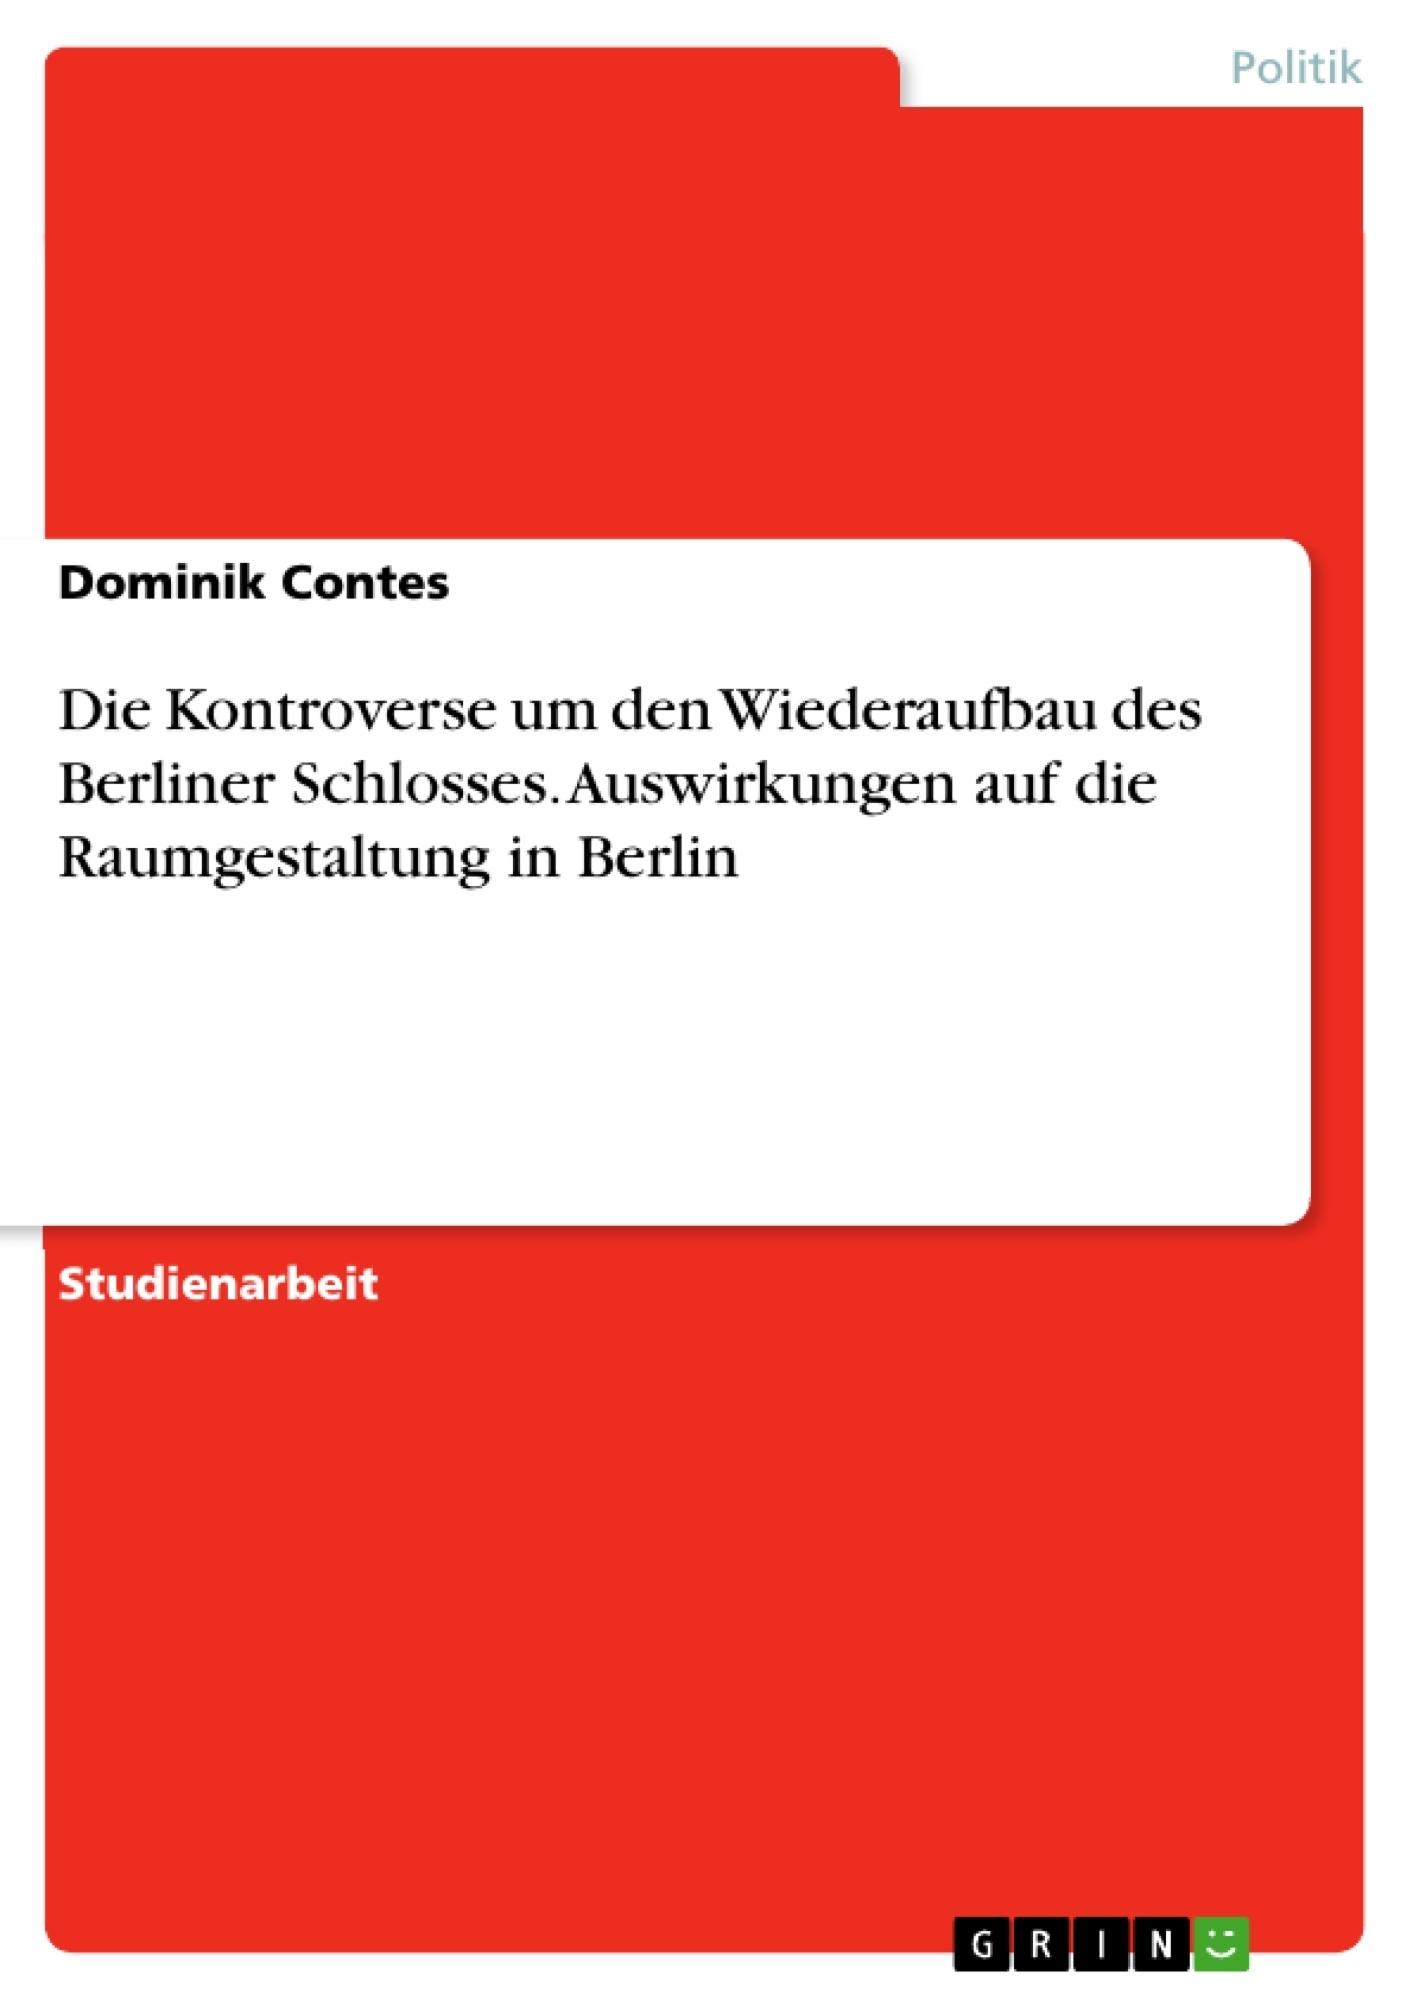 Titel: Die Kontroverse um den Wiederaufbau des Berliner Schlosses. Auswirkungen auf die Raumgestaltung in Berlin